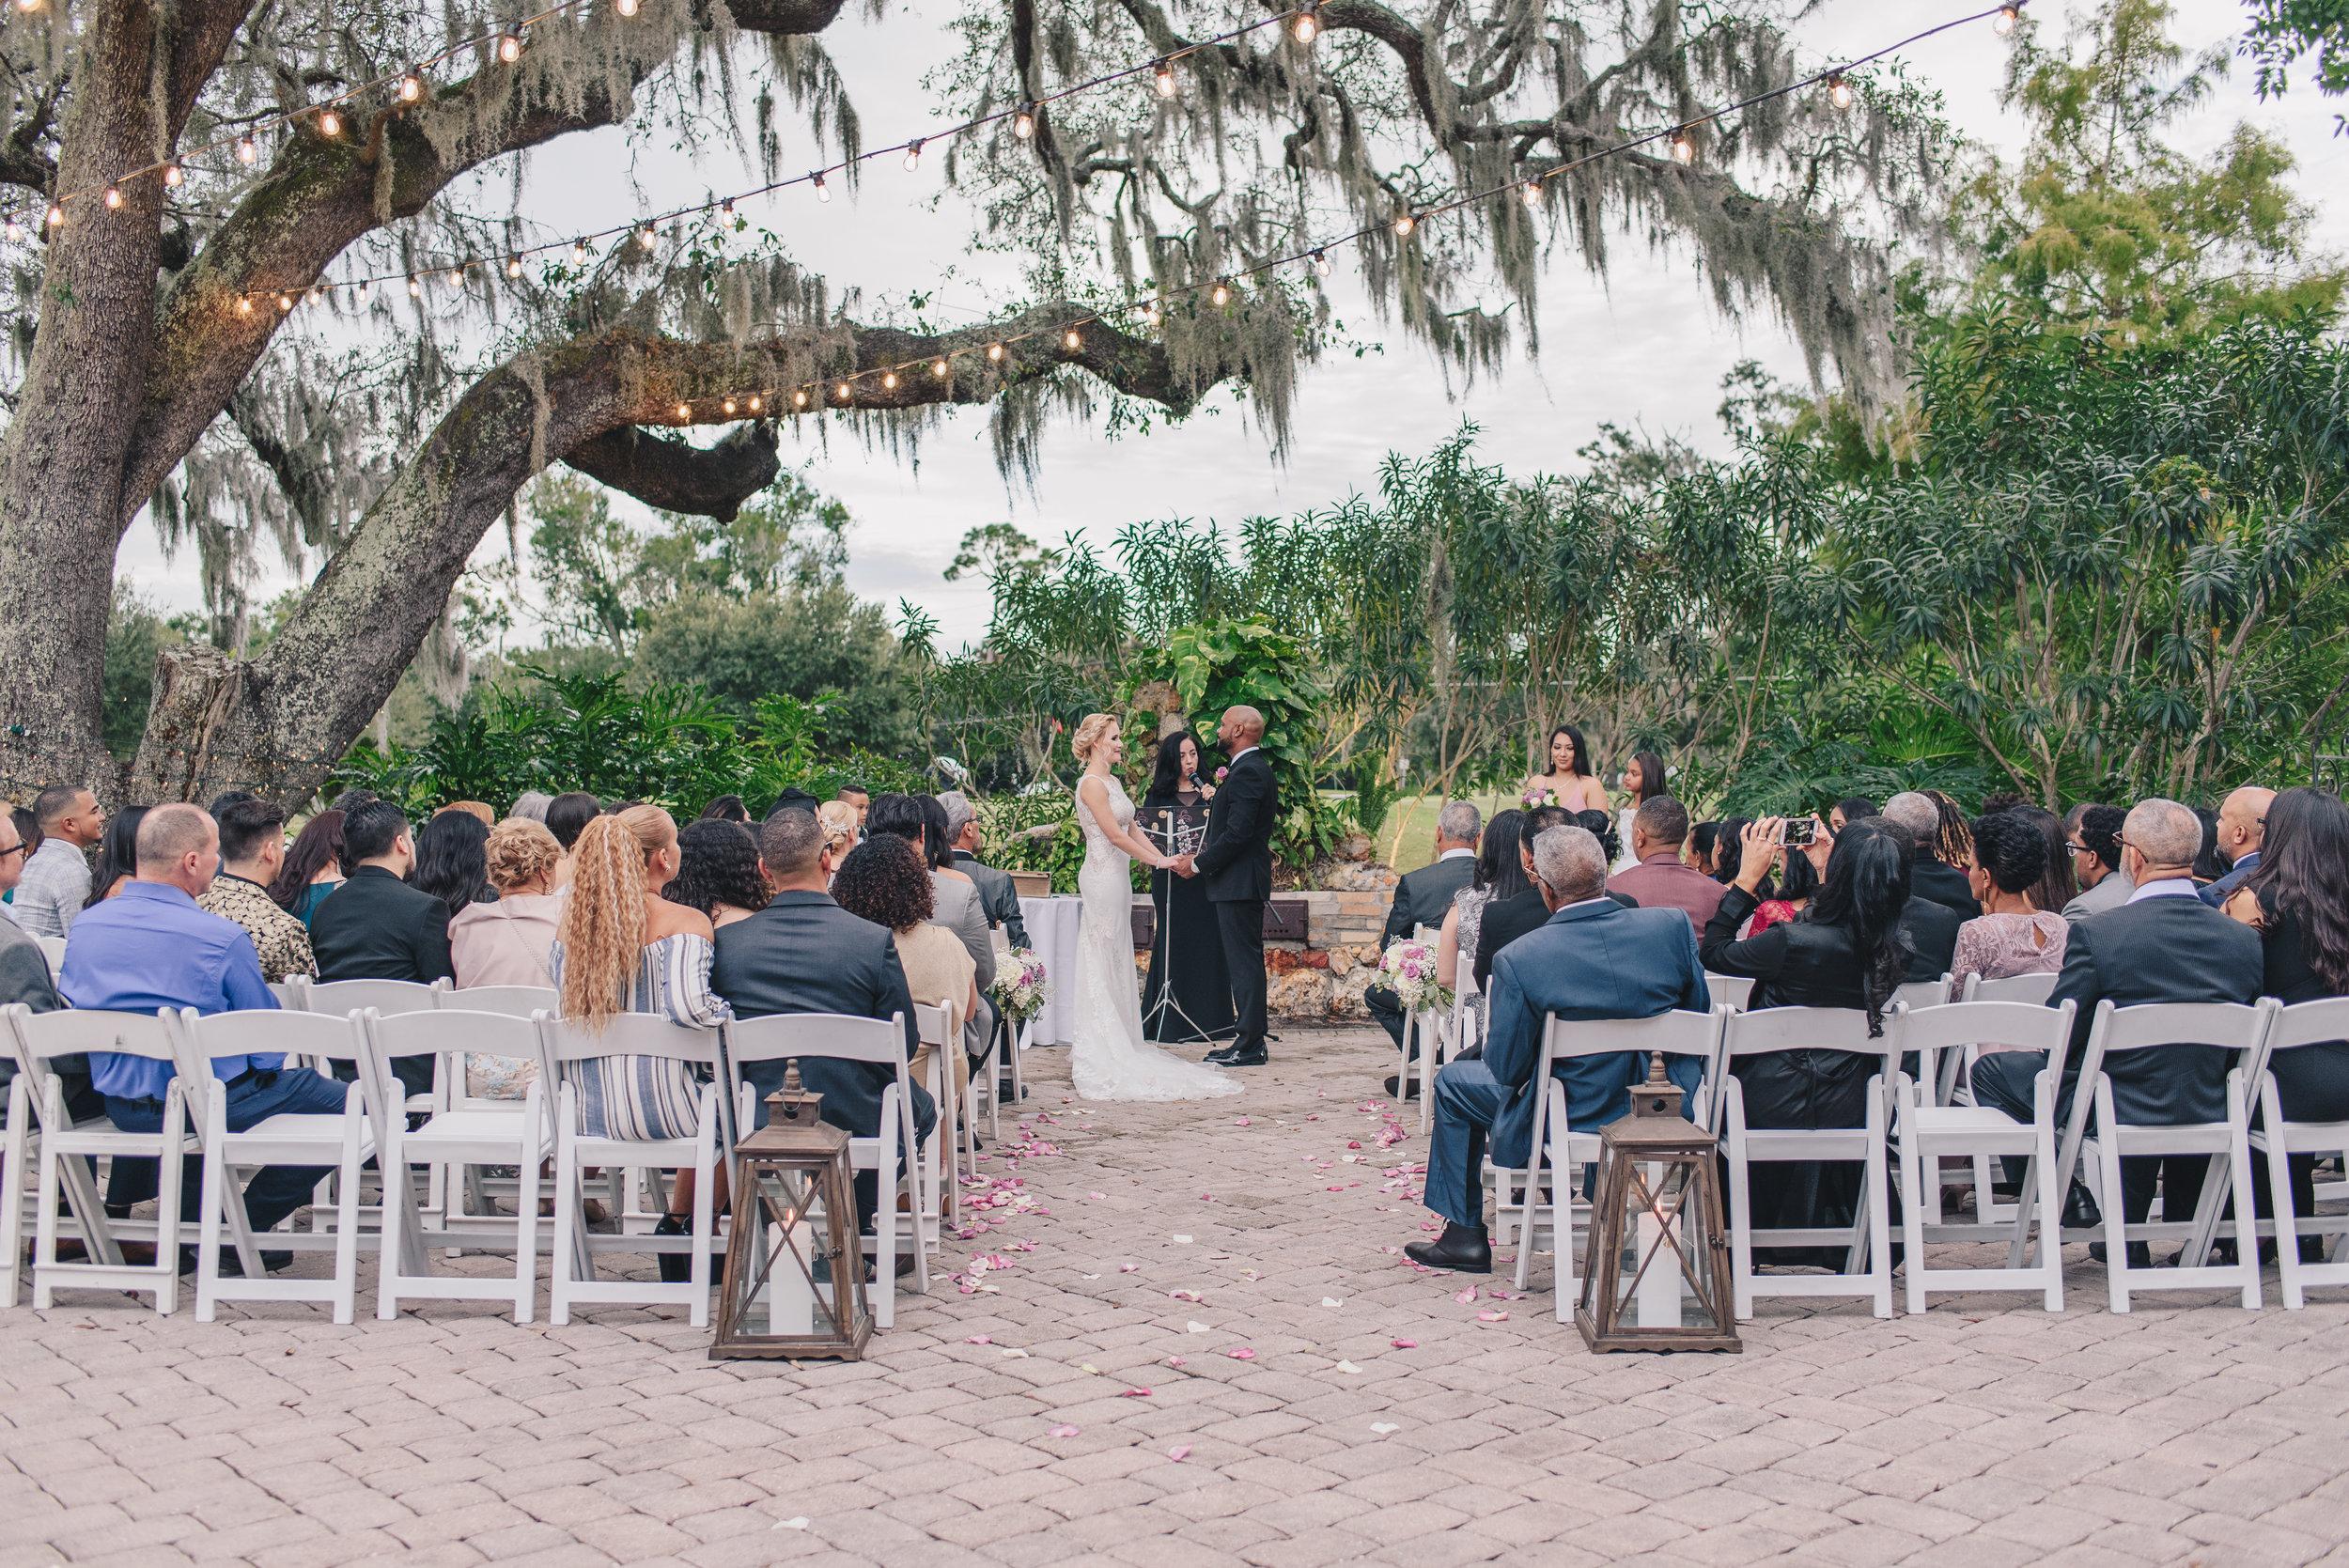 Los-Vargas-Photo-Wedding-Historic-Dubsdread-Ballroom-8200.jpg